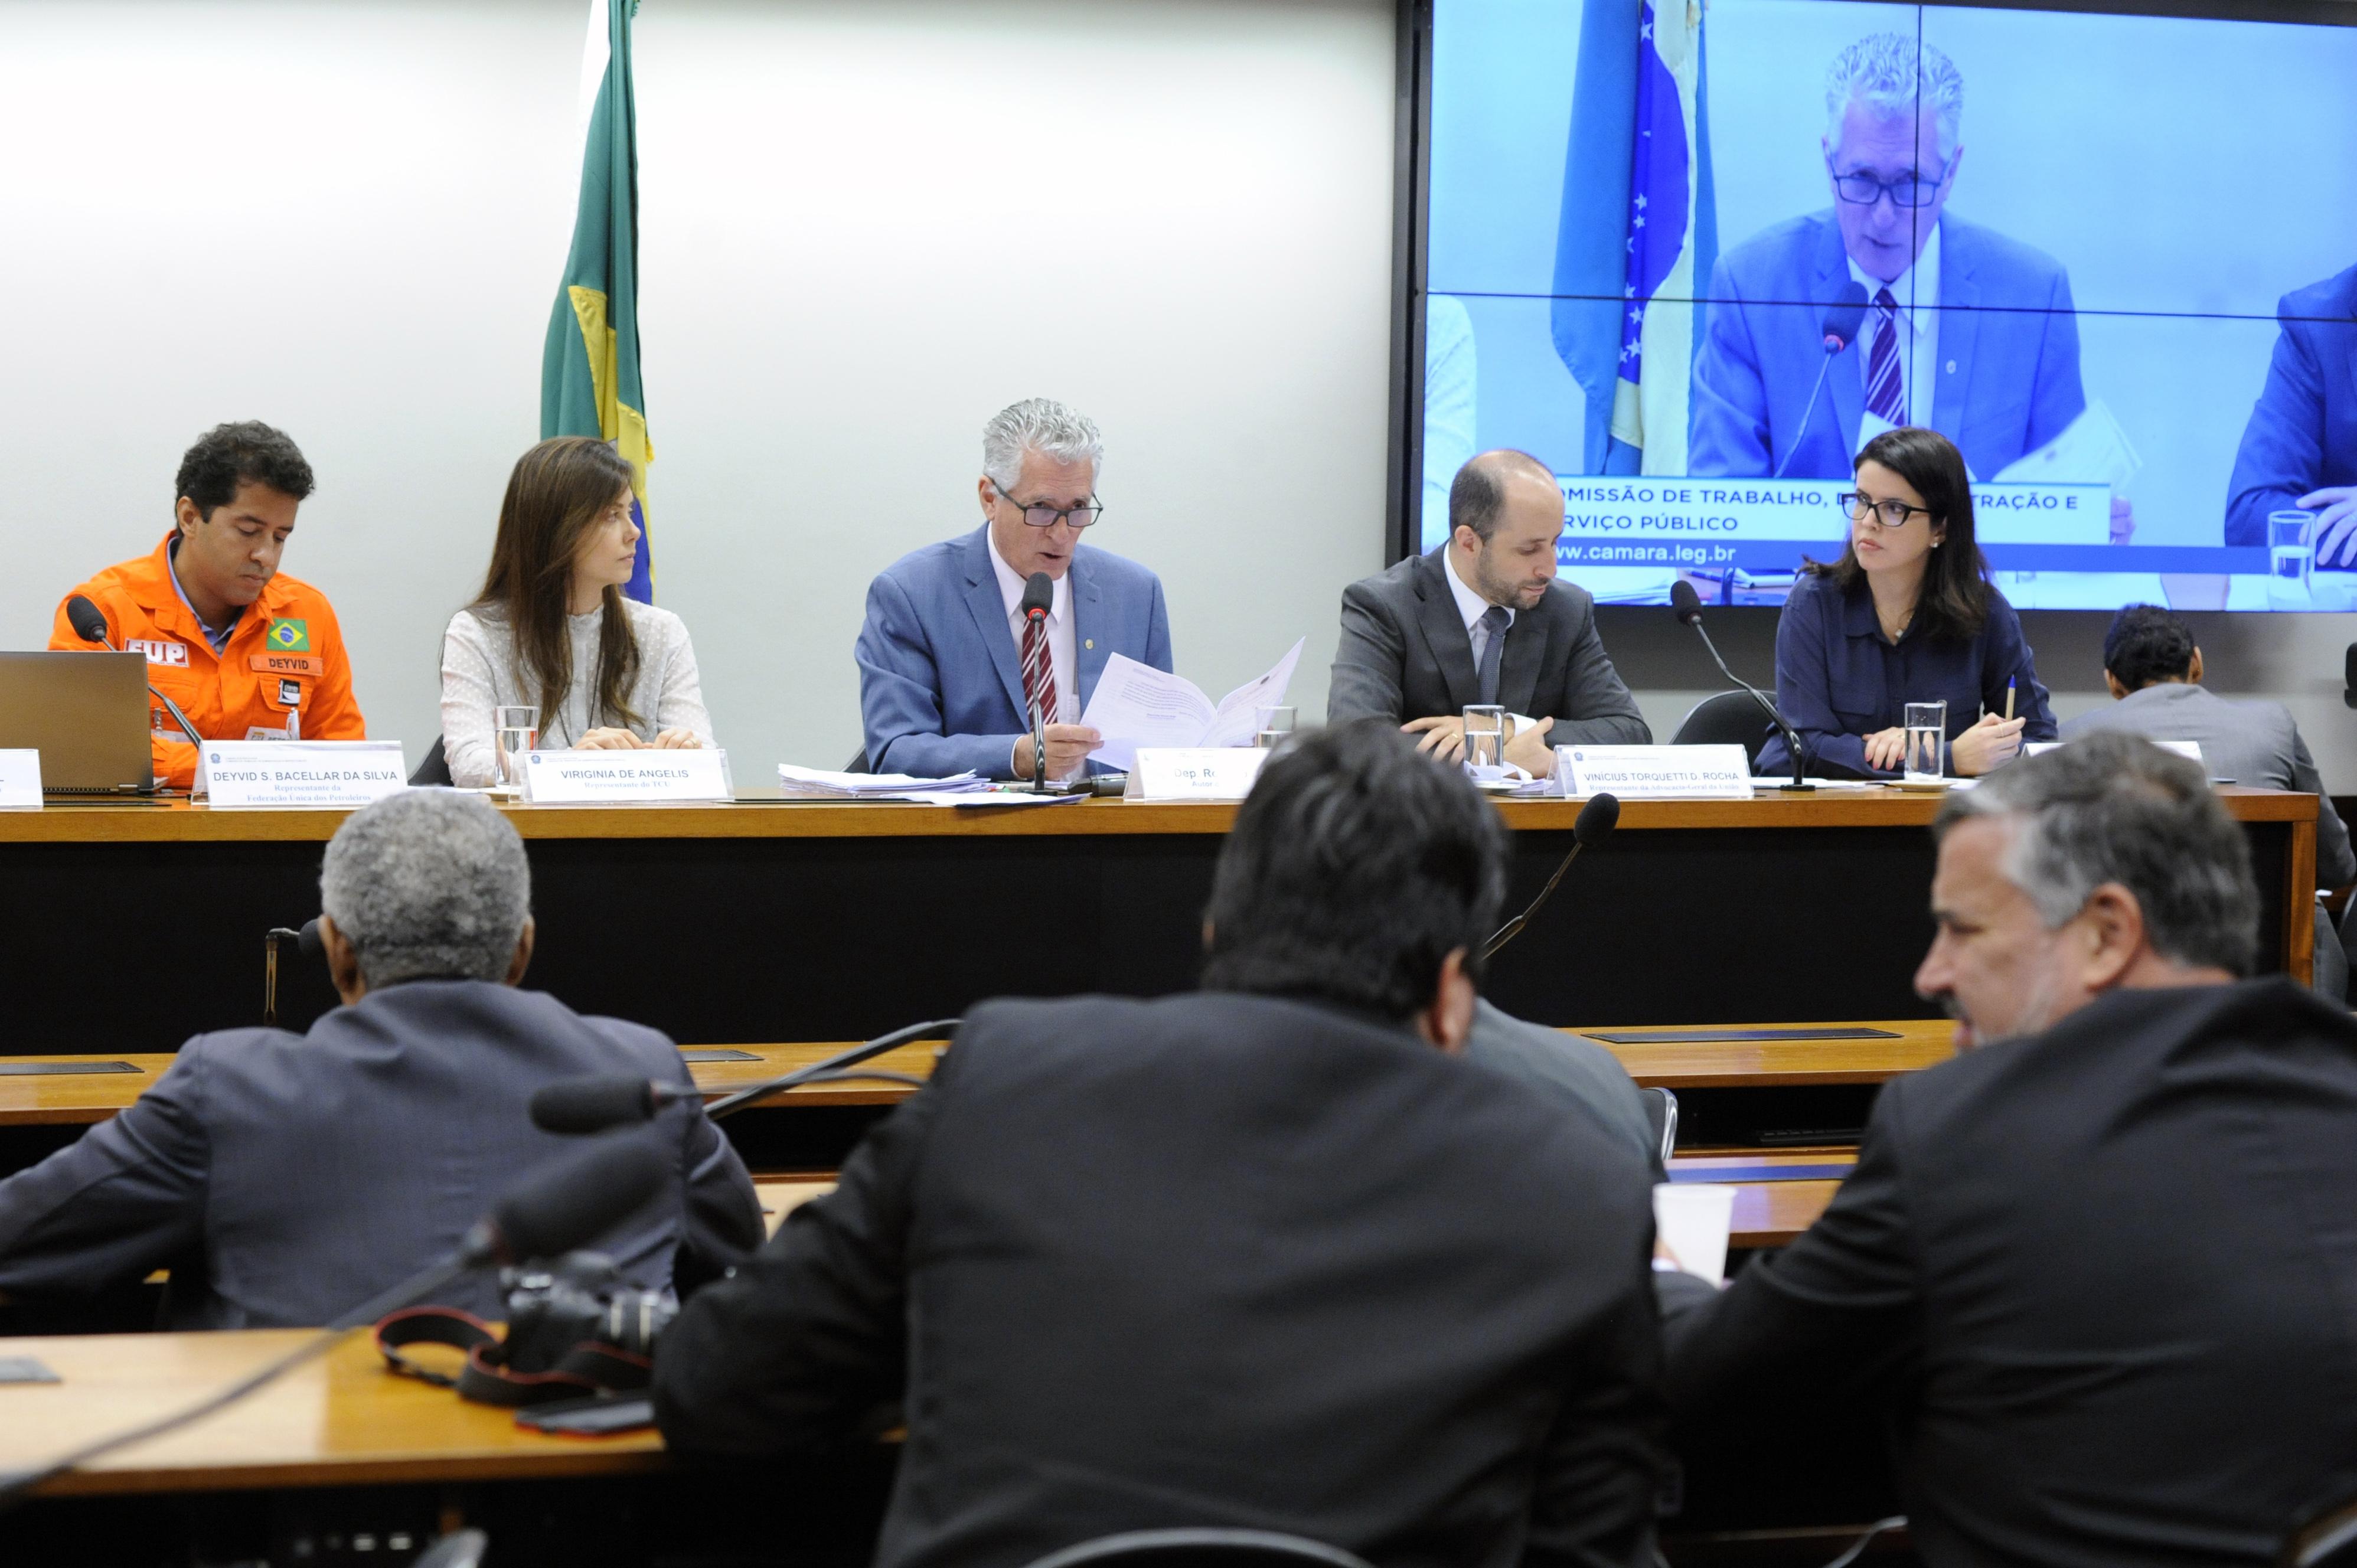 Audiência pública sobre o Acordo de Assunção de Compromissos firmado entre o Ministério Público Federal e a Petrobras